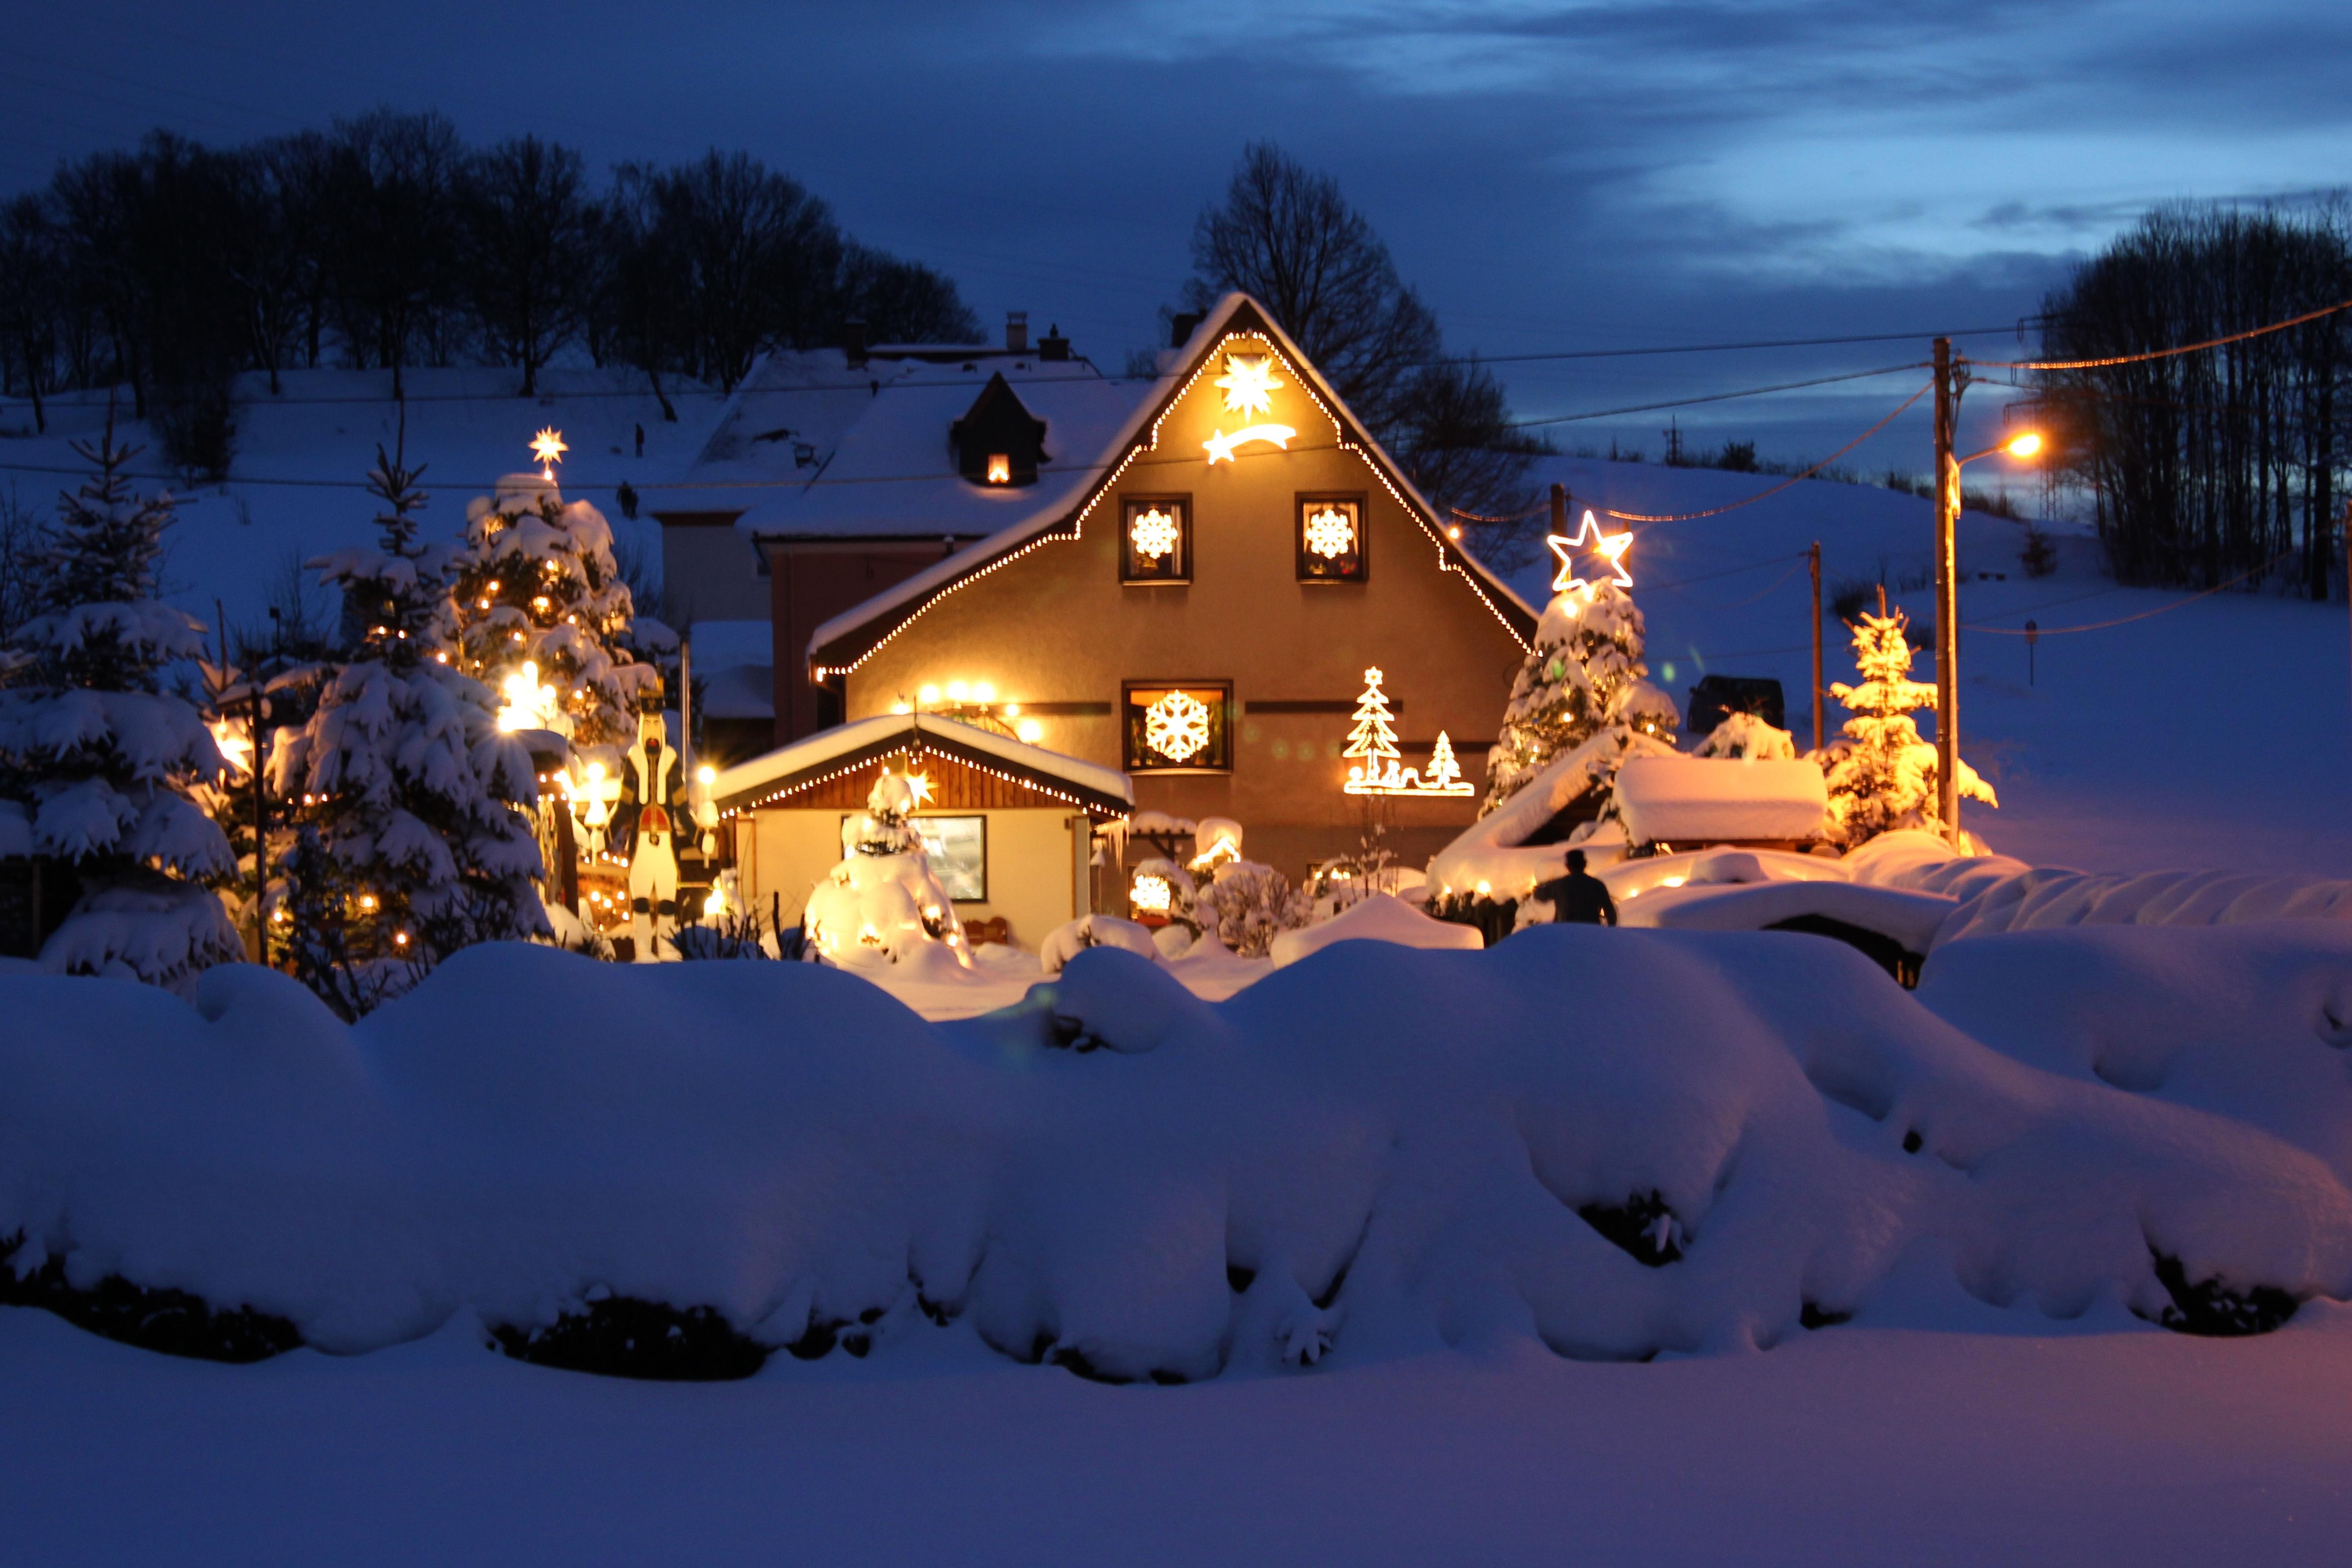 datei weihnachtszeit lichterhaus niederw rschnitz img wikipedia. Black Bedroom Furniture Sets. Home Design Ideas